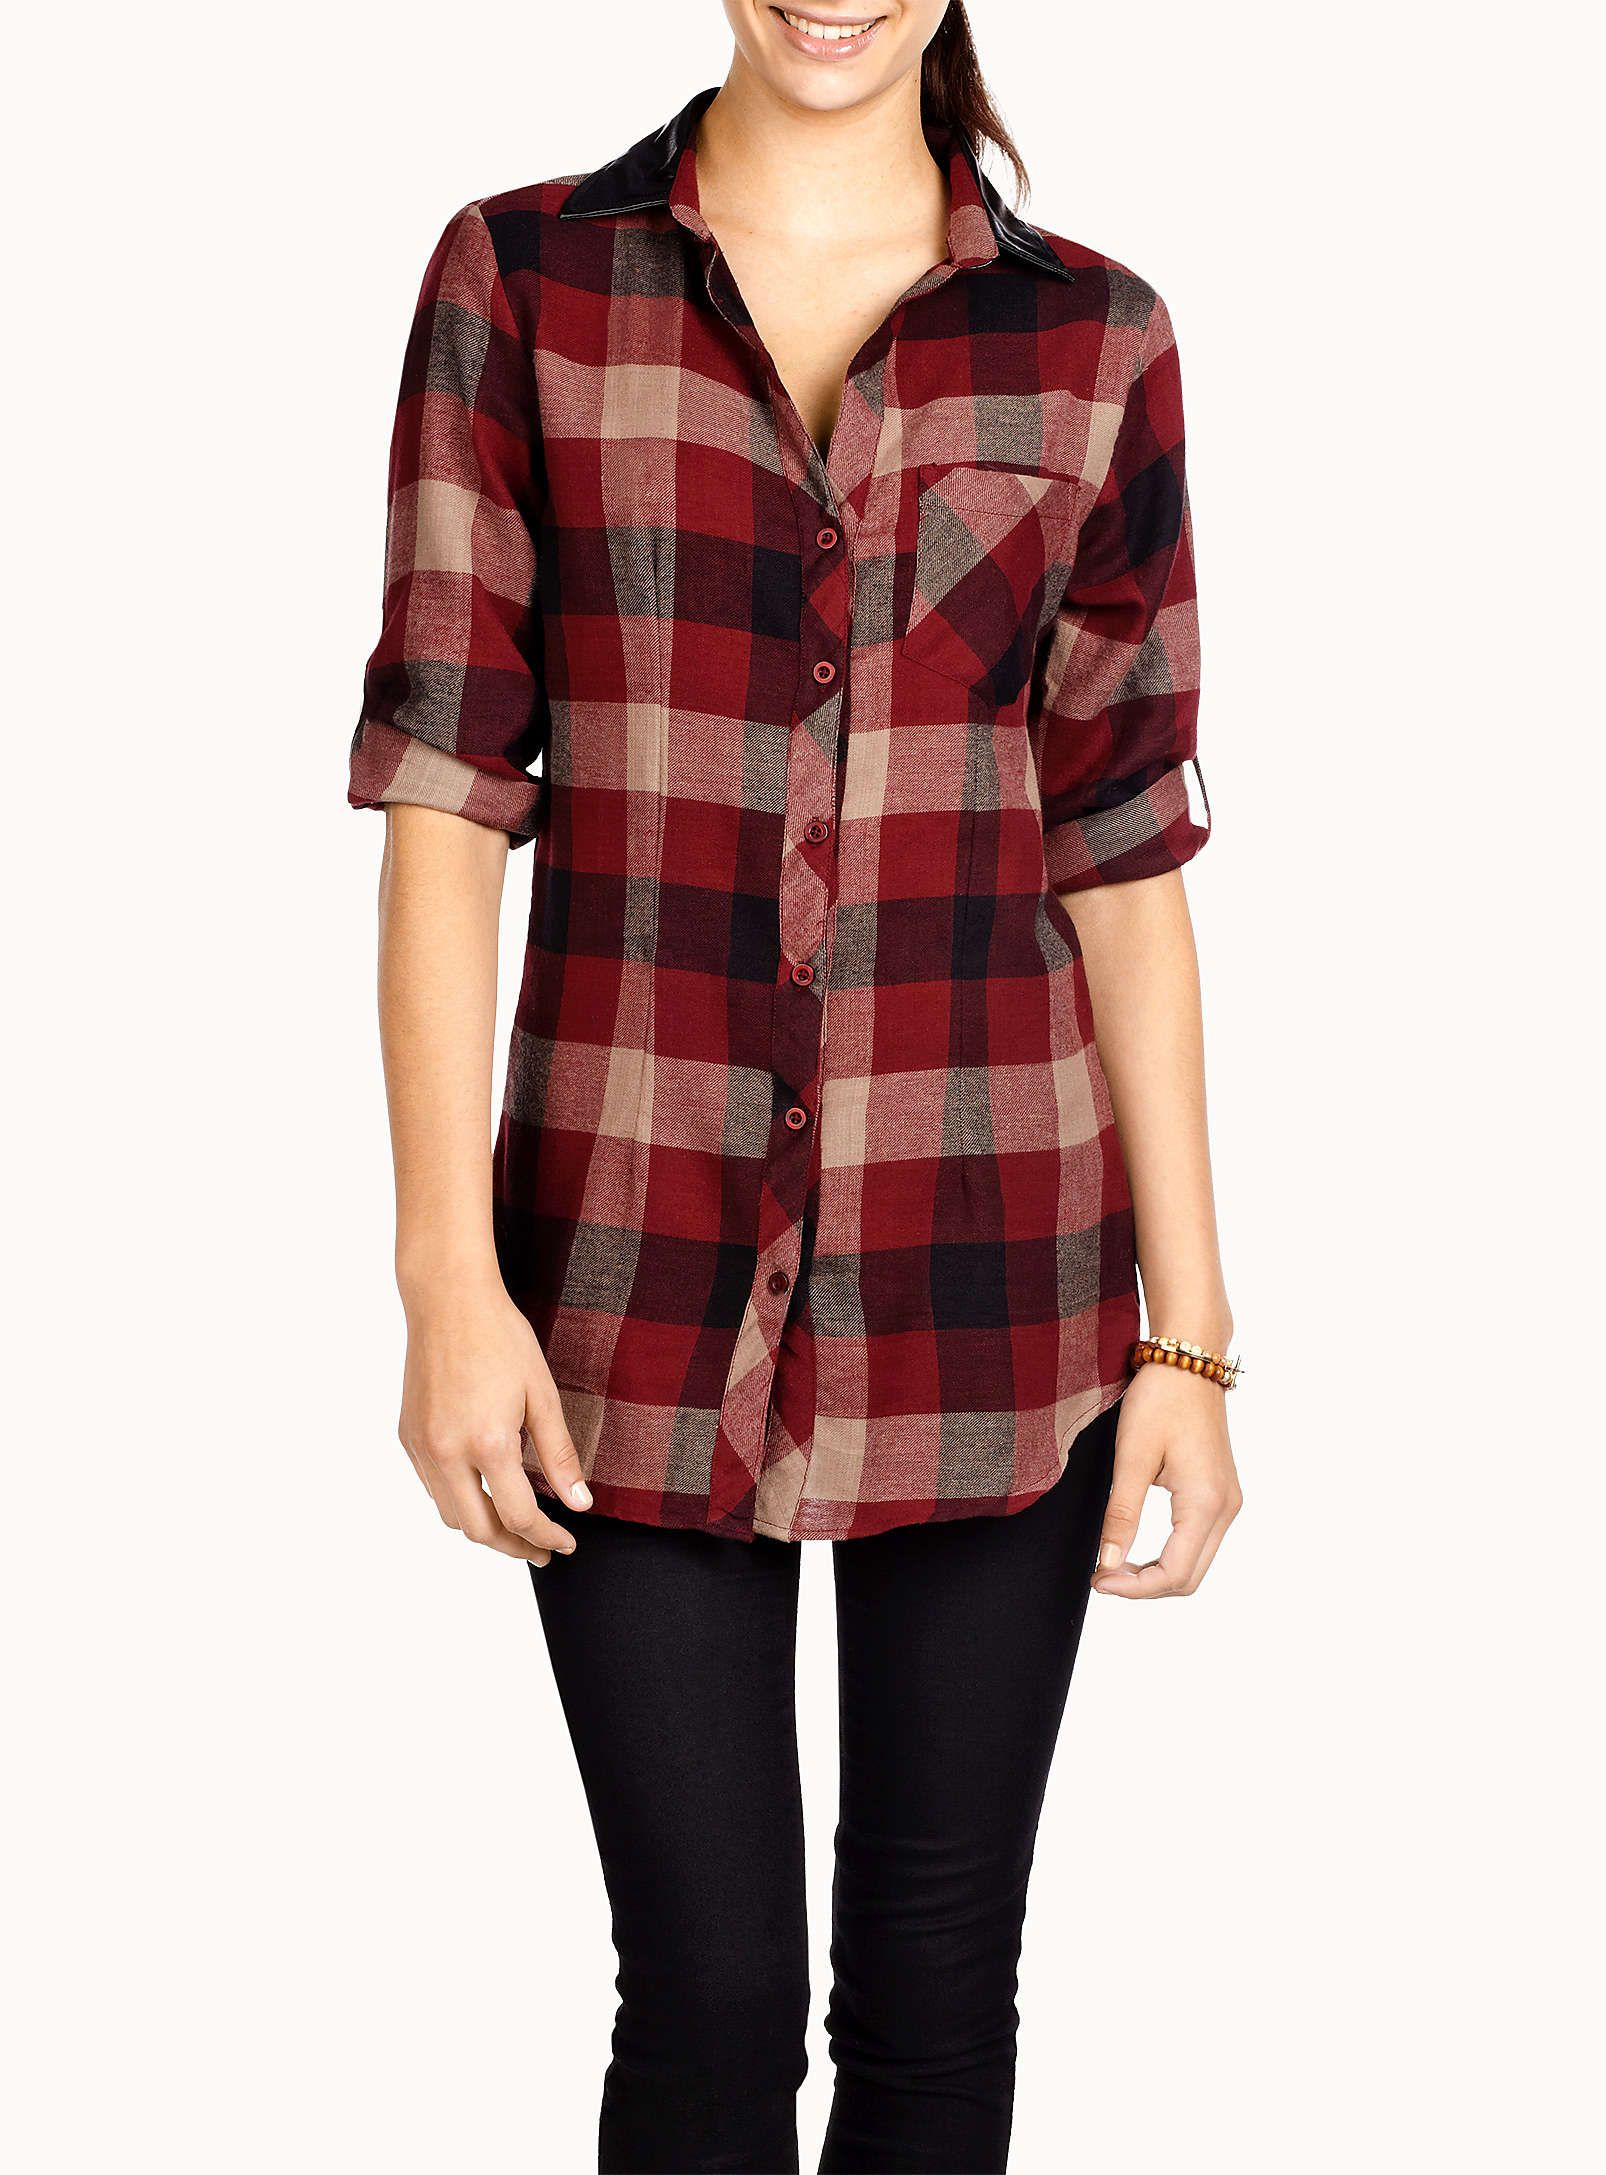 La chemise carreau flanelle col aspect cuir   Simons   Tops ... 01457122b24e